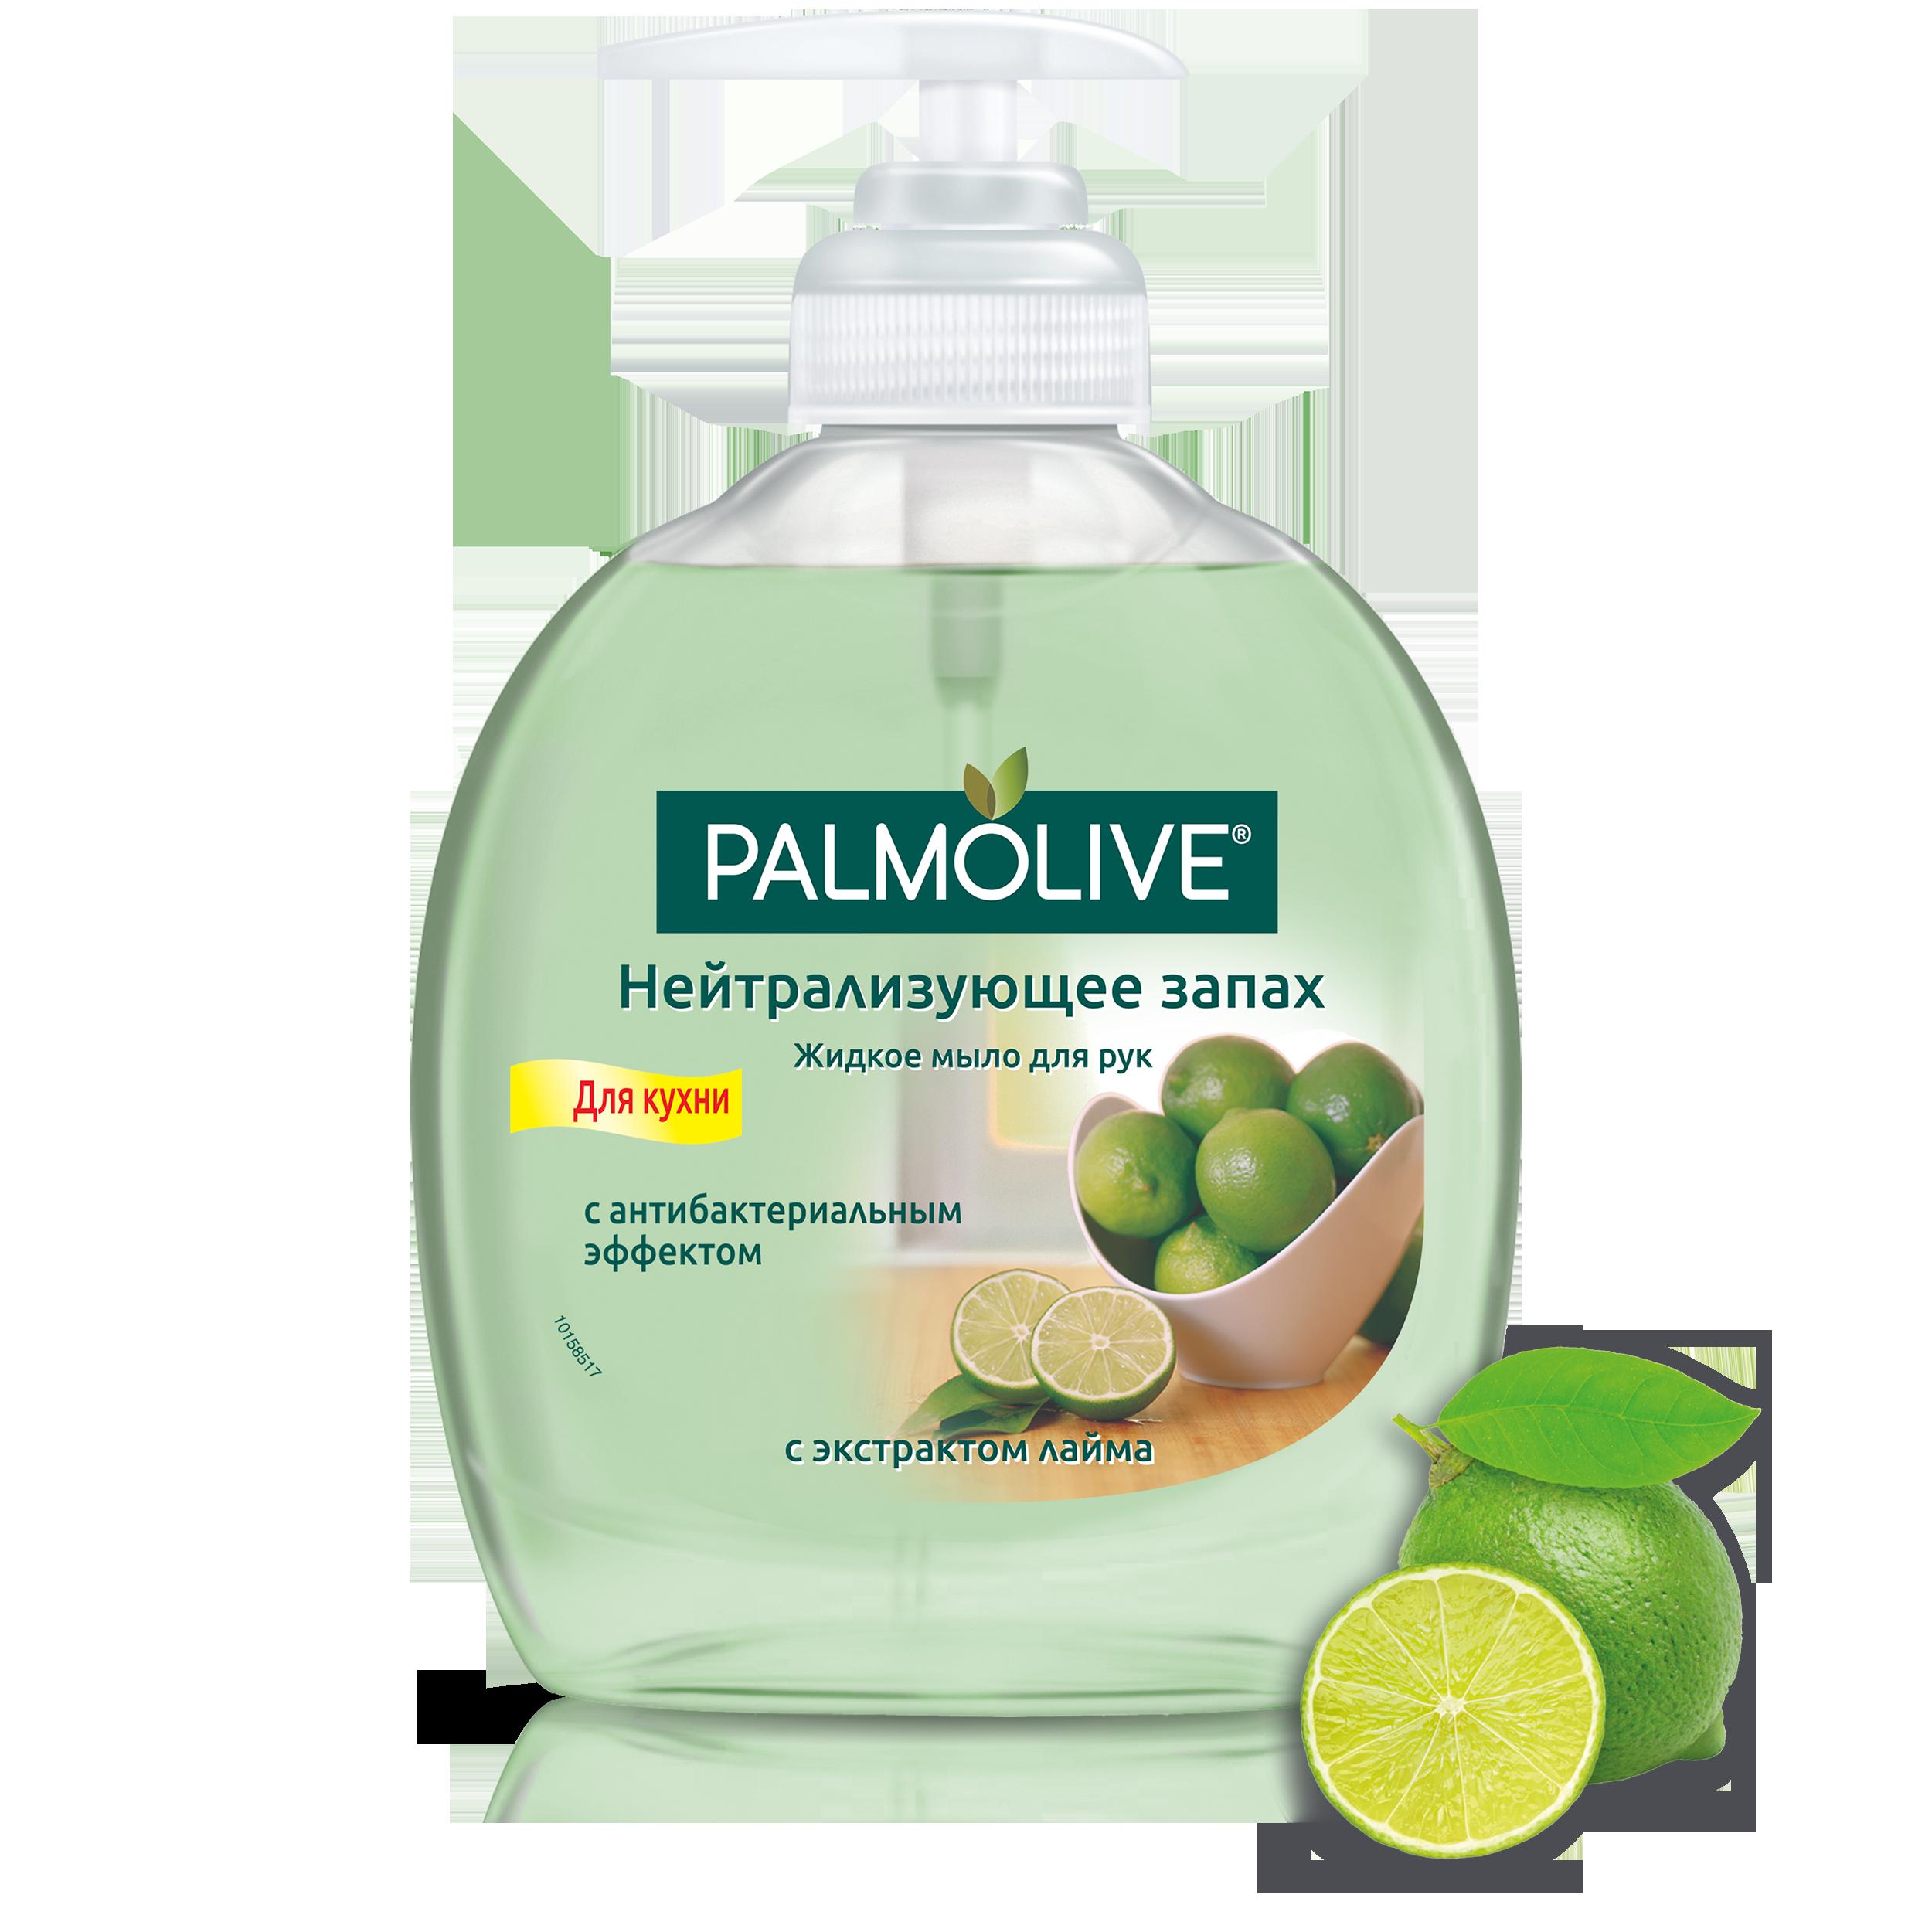 Купить Жидкое мыло Palmolive Для кухни Нейтрализующее запах 300 мл, жидкое мыло IT04680A/FTR22414